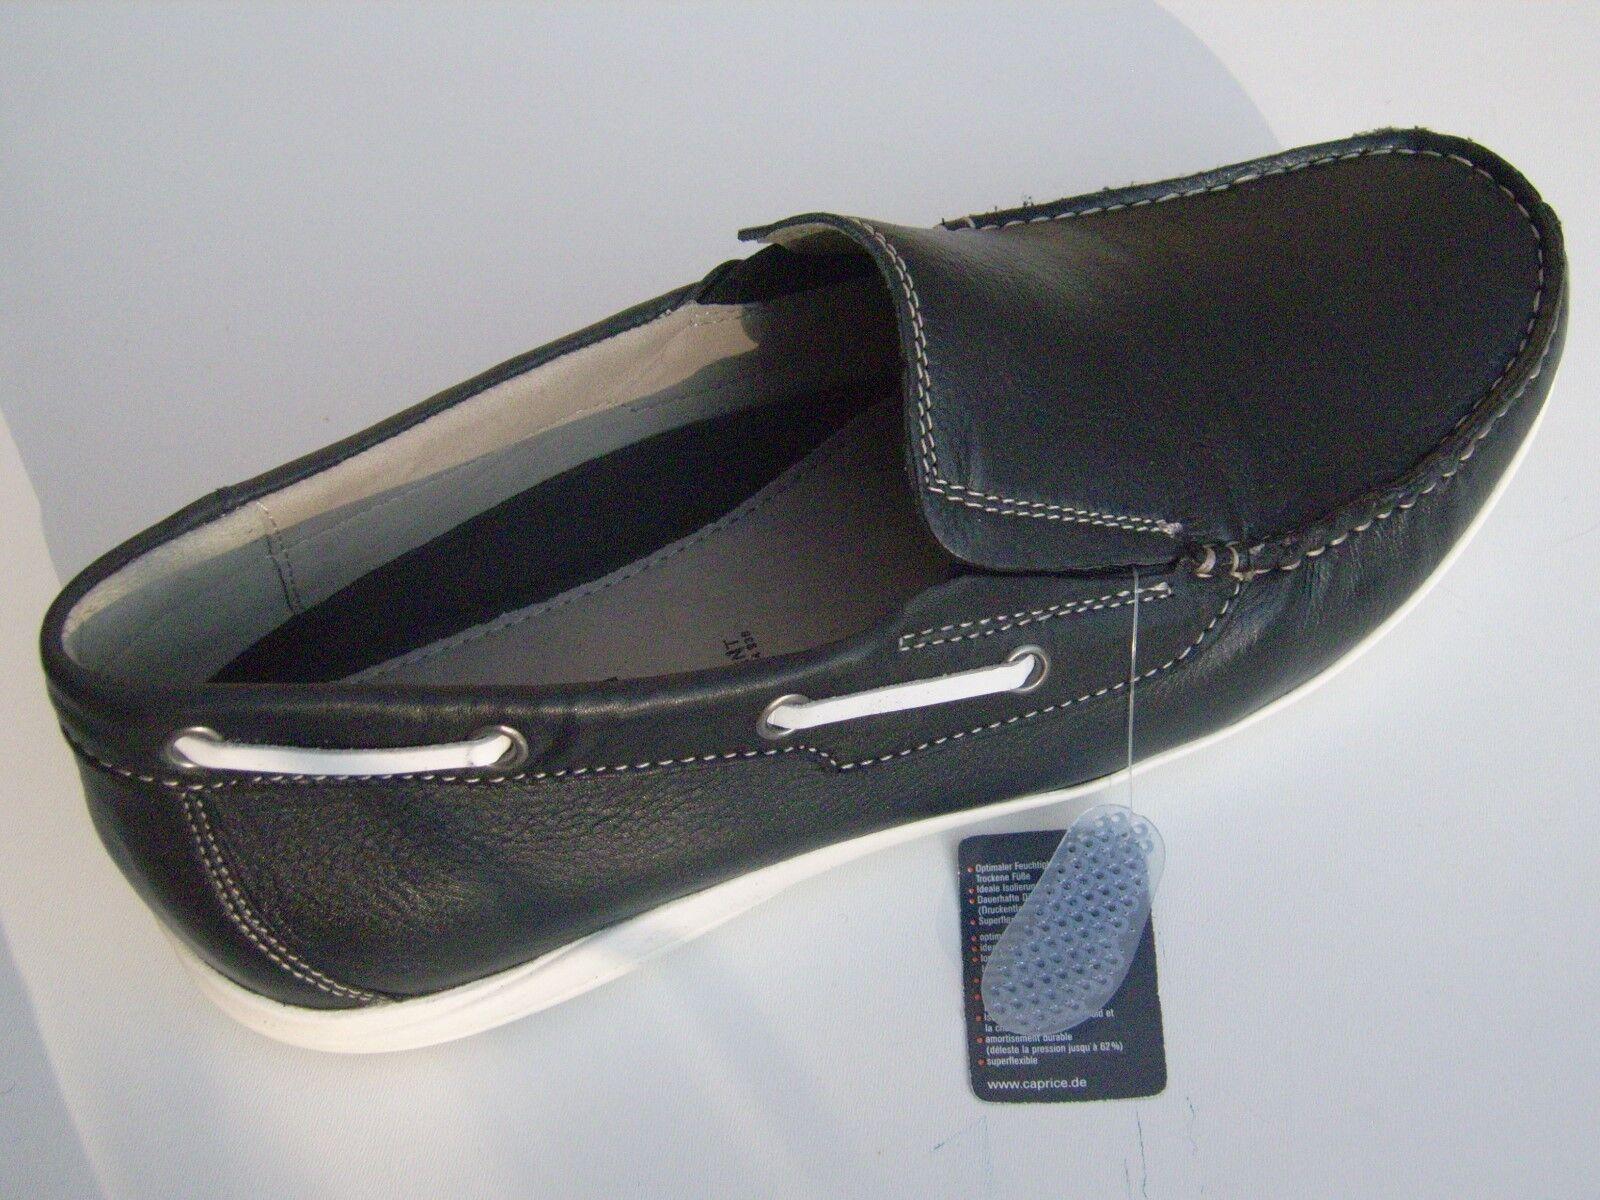 Caprice Herren-Slipper ,Obermaterial+Decksohle Leder,Farbe Ocean, Antistress